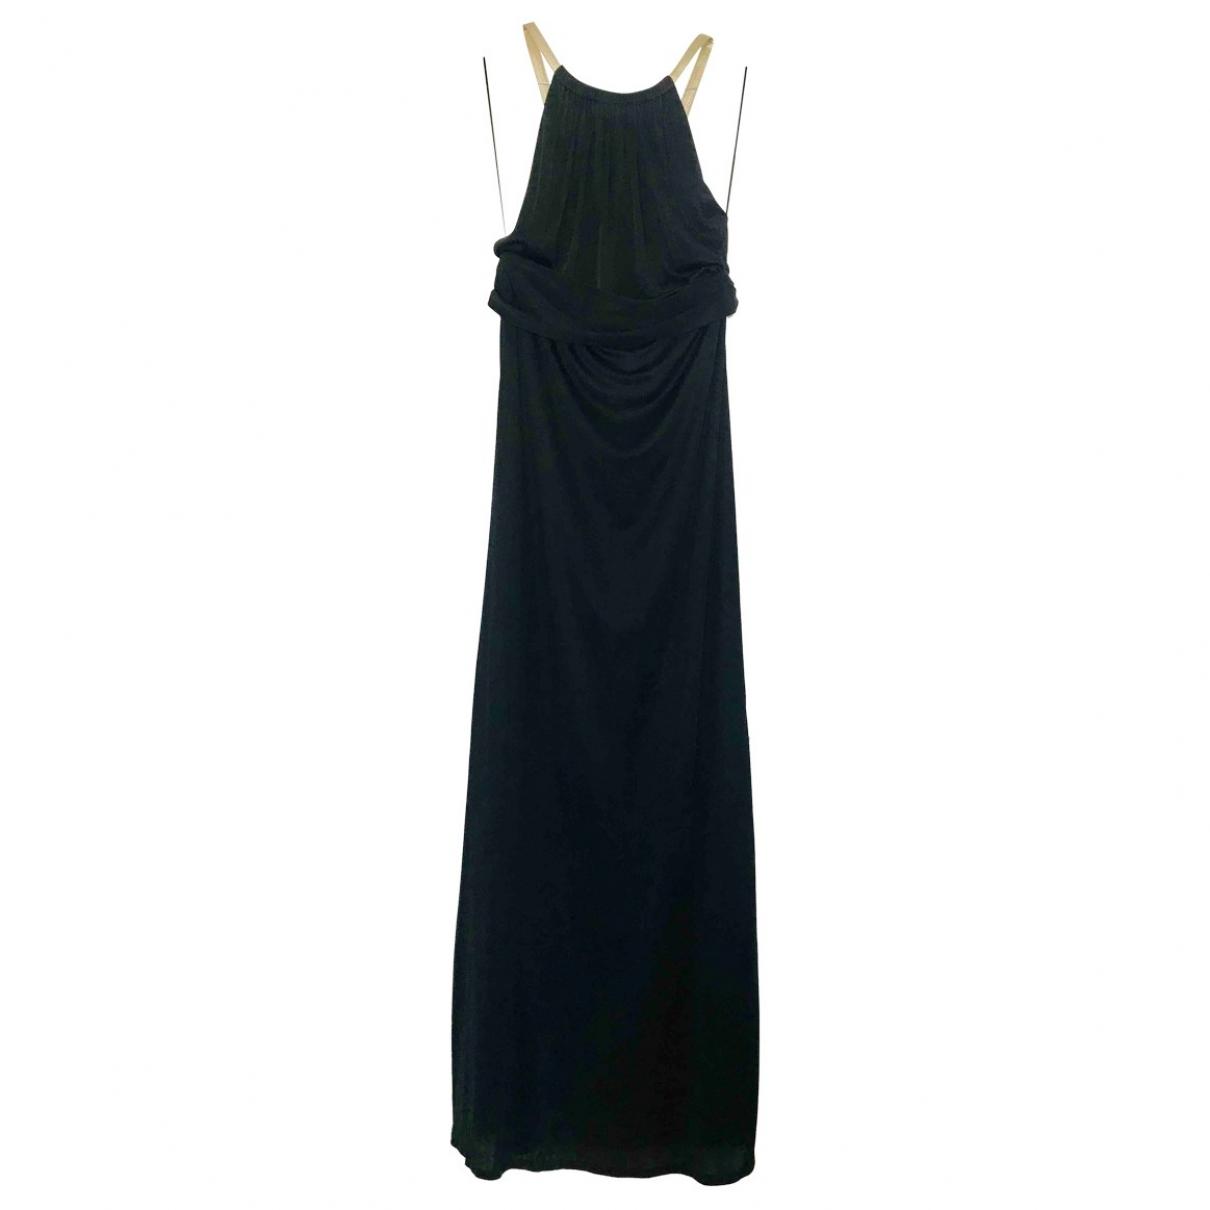 Gucci \N Kleid in  Schwarz Polyester